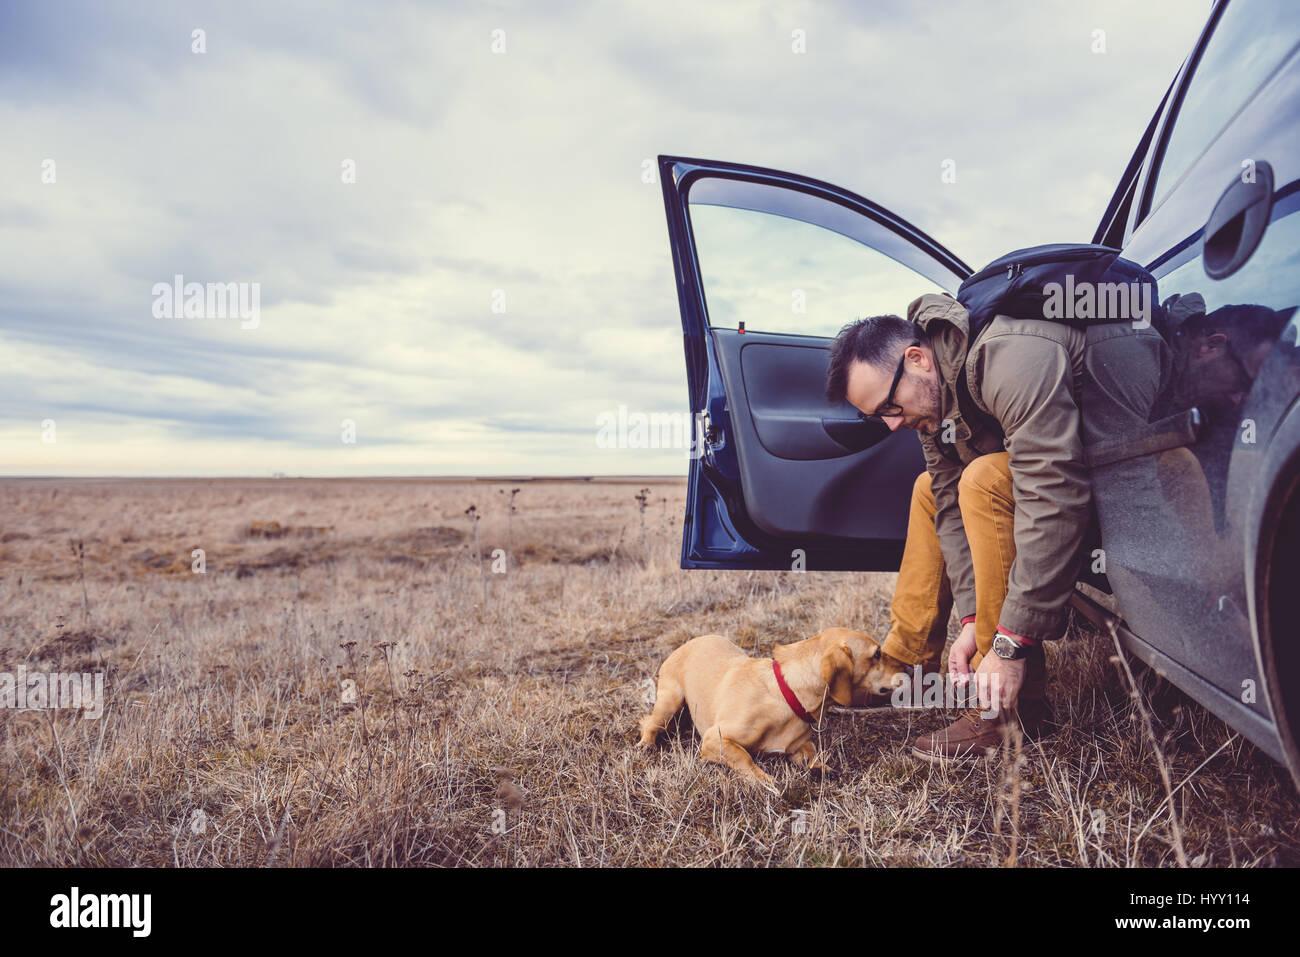 Randonneur dans la voiture et la préparation de leurs chaussures à côté de lui est un petit Photo Stock